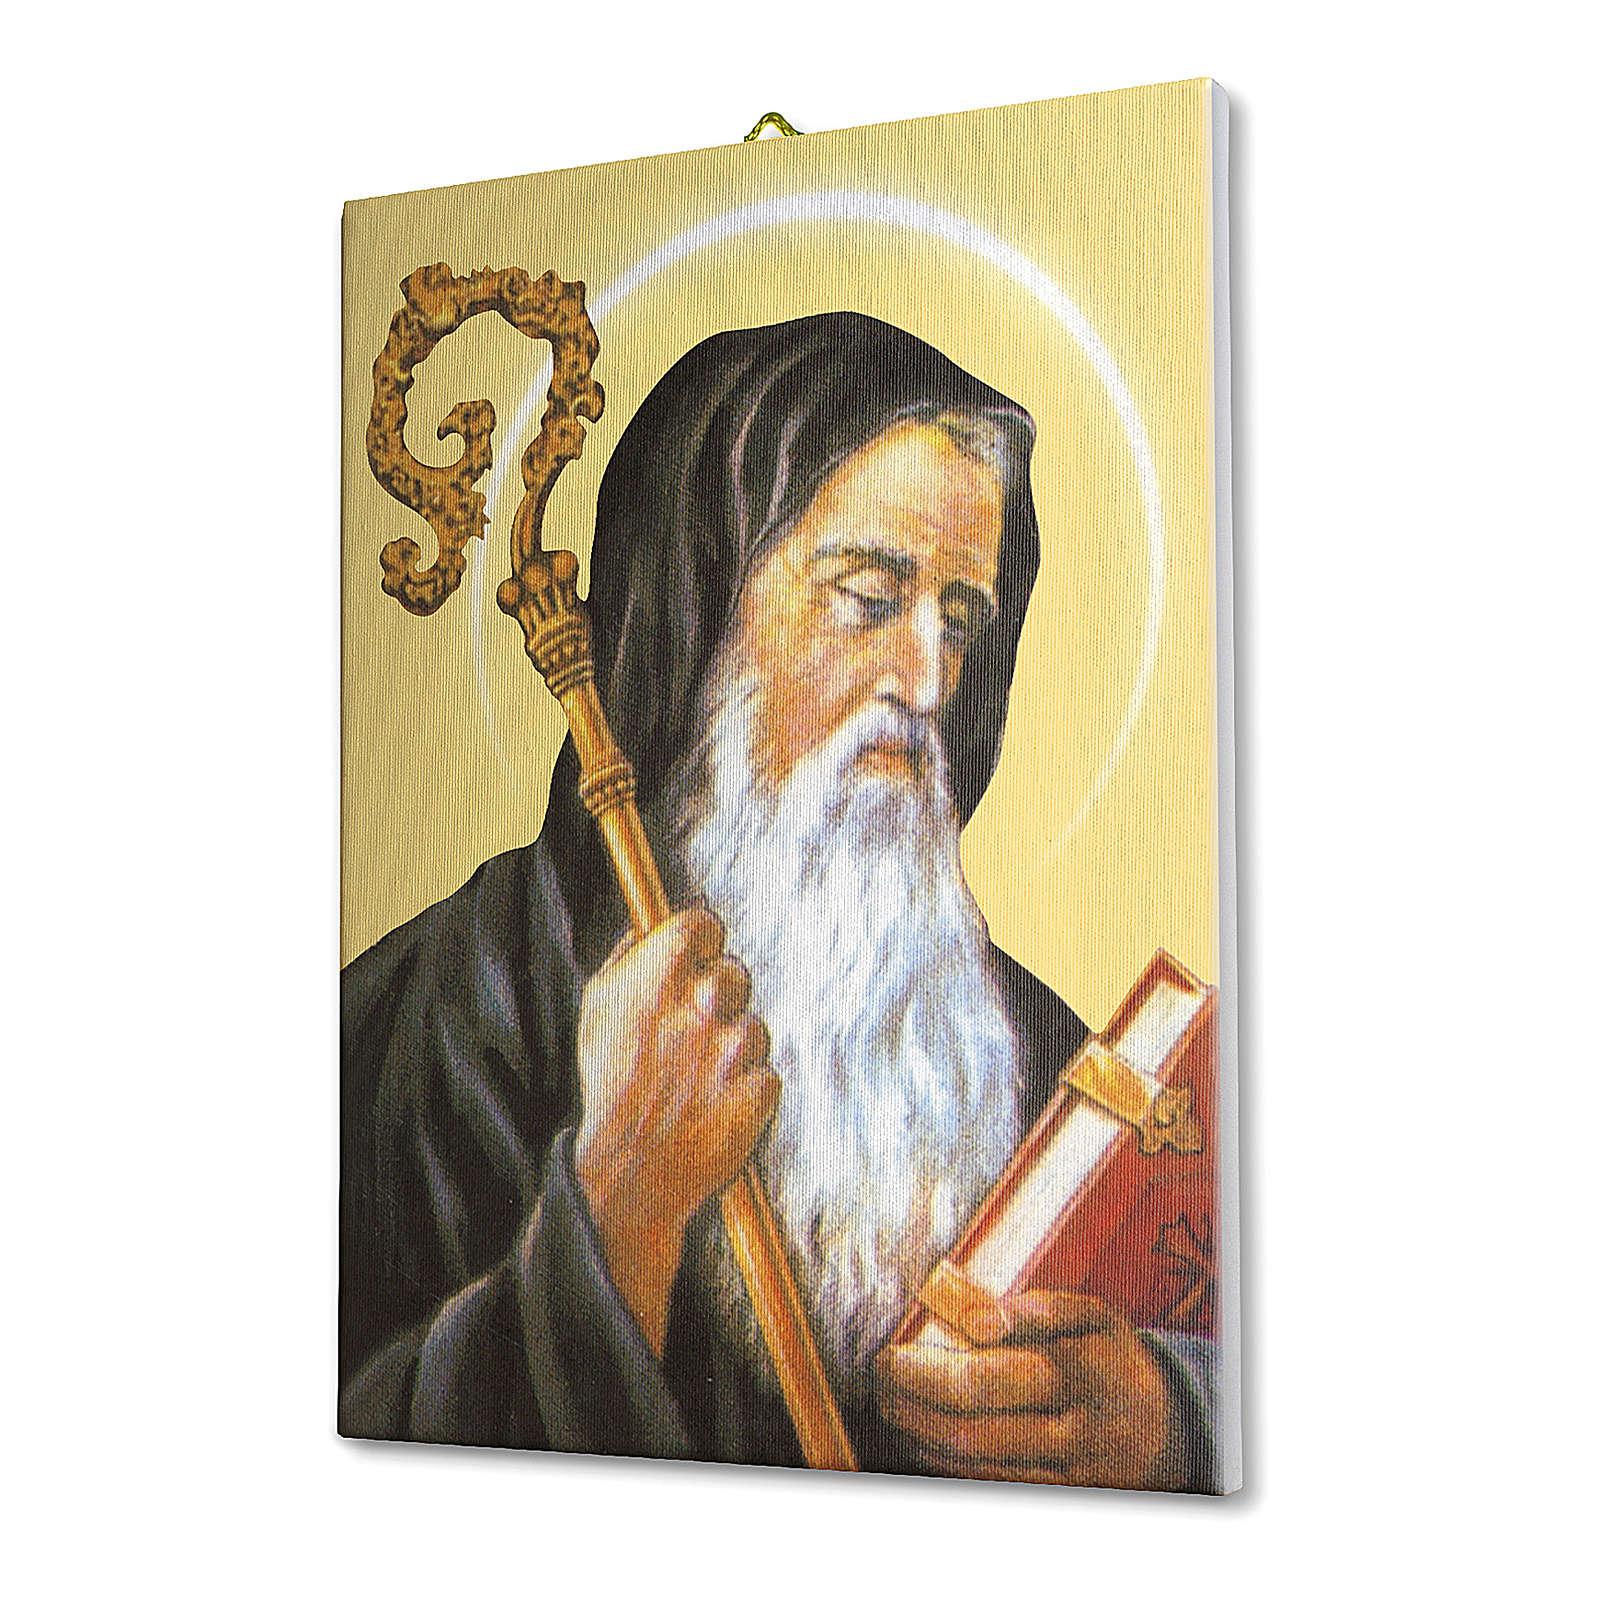 Obraz na płótnie święty Benedykt 40x30cm 3